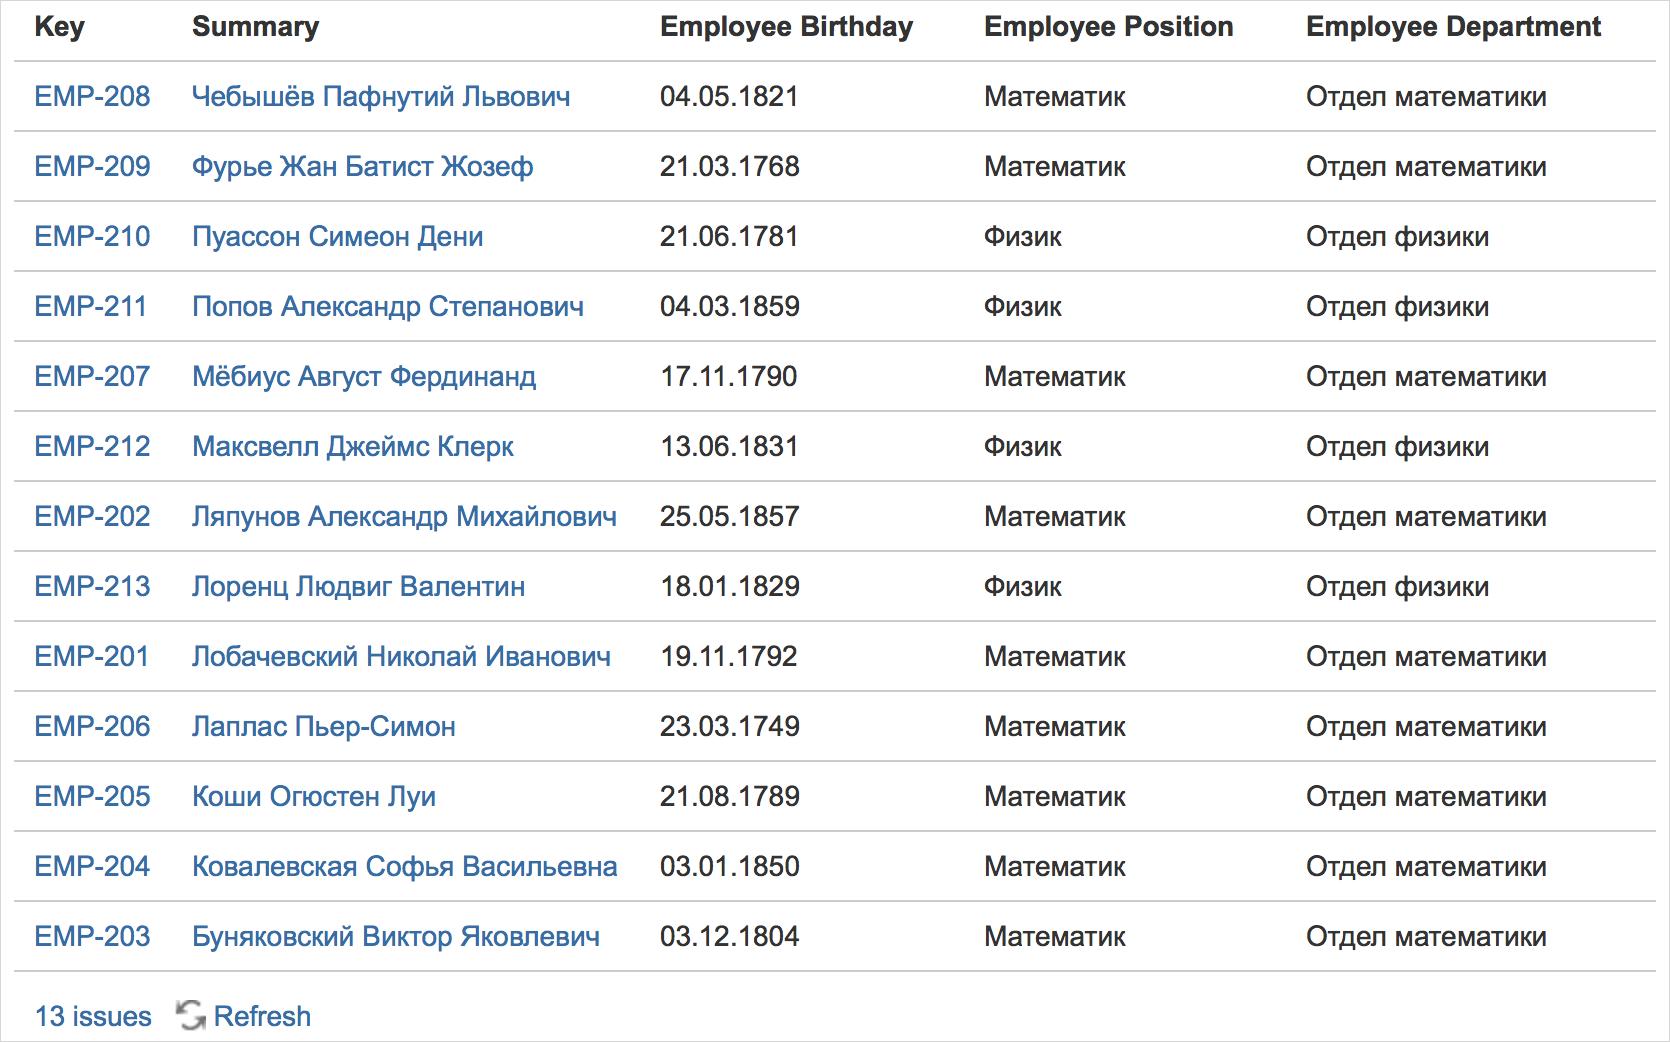 Как отобразить динамическую выгрузку из БД на страницах Atlassian Confluence? - 7